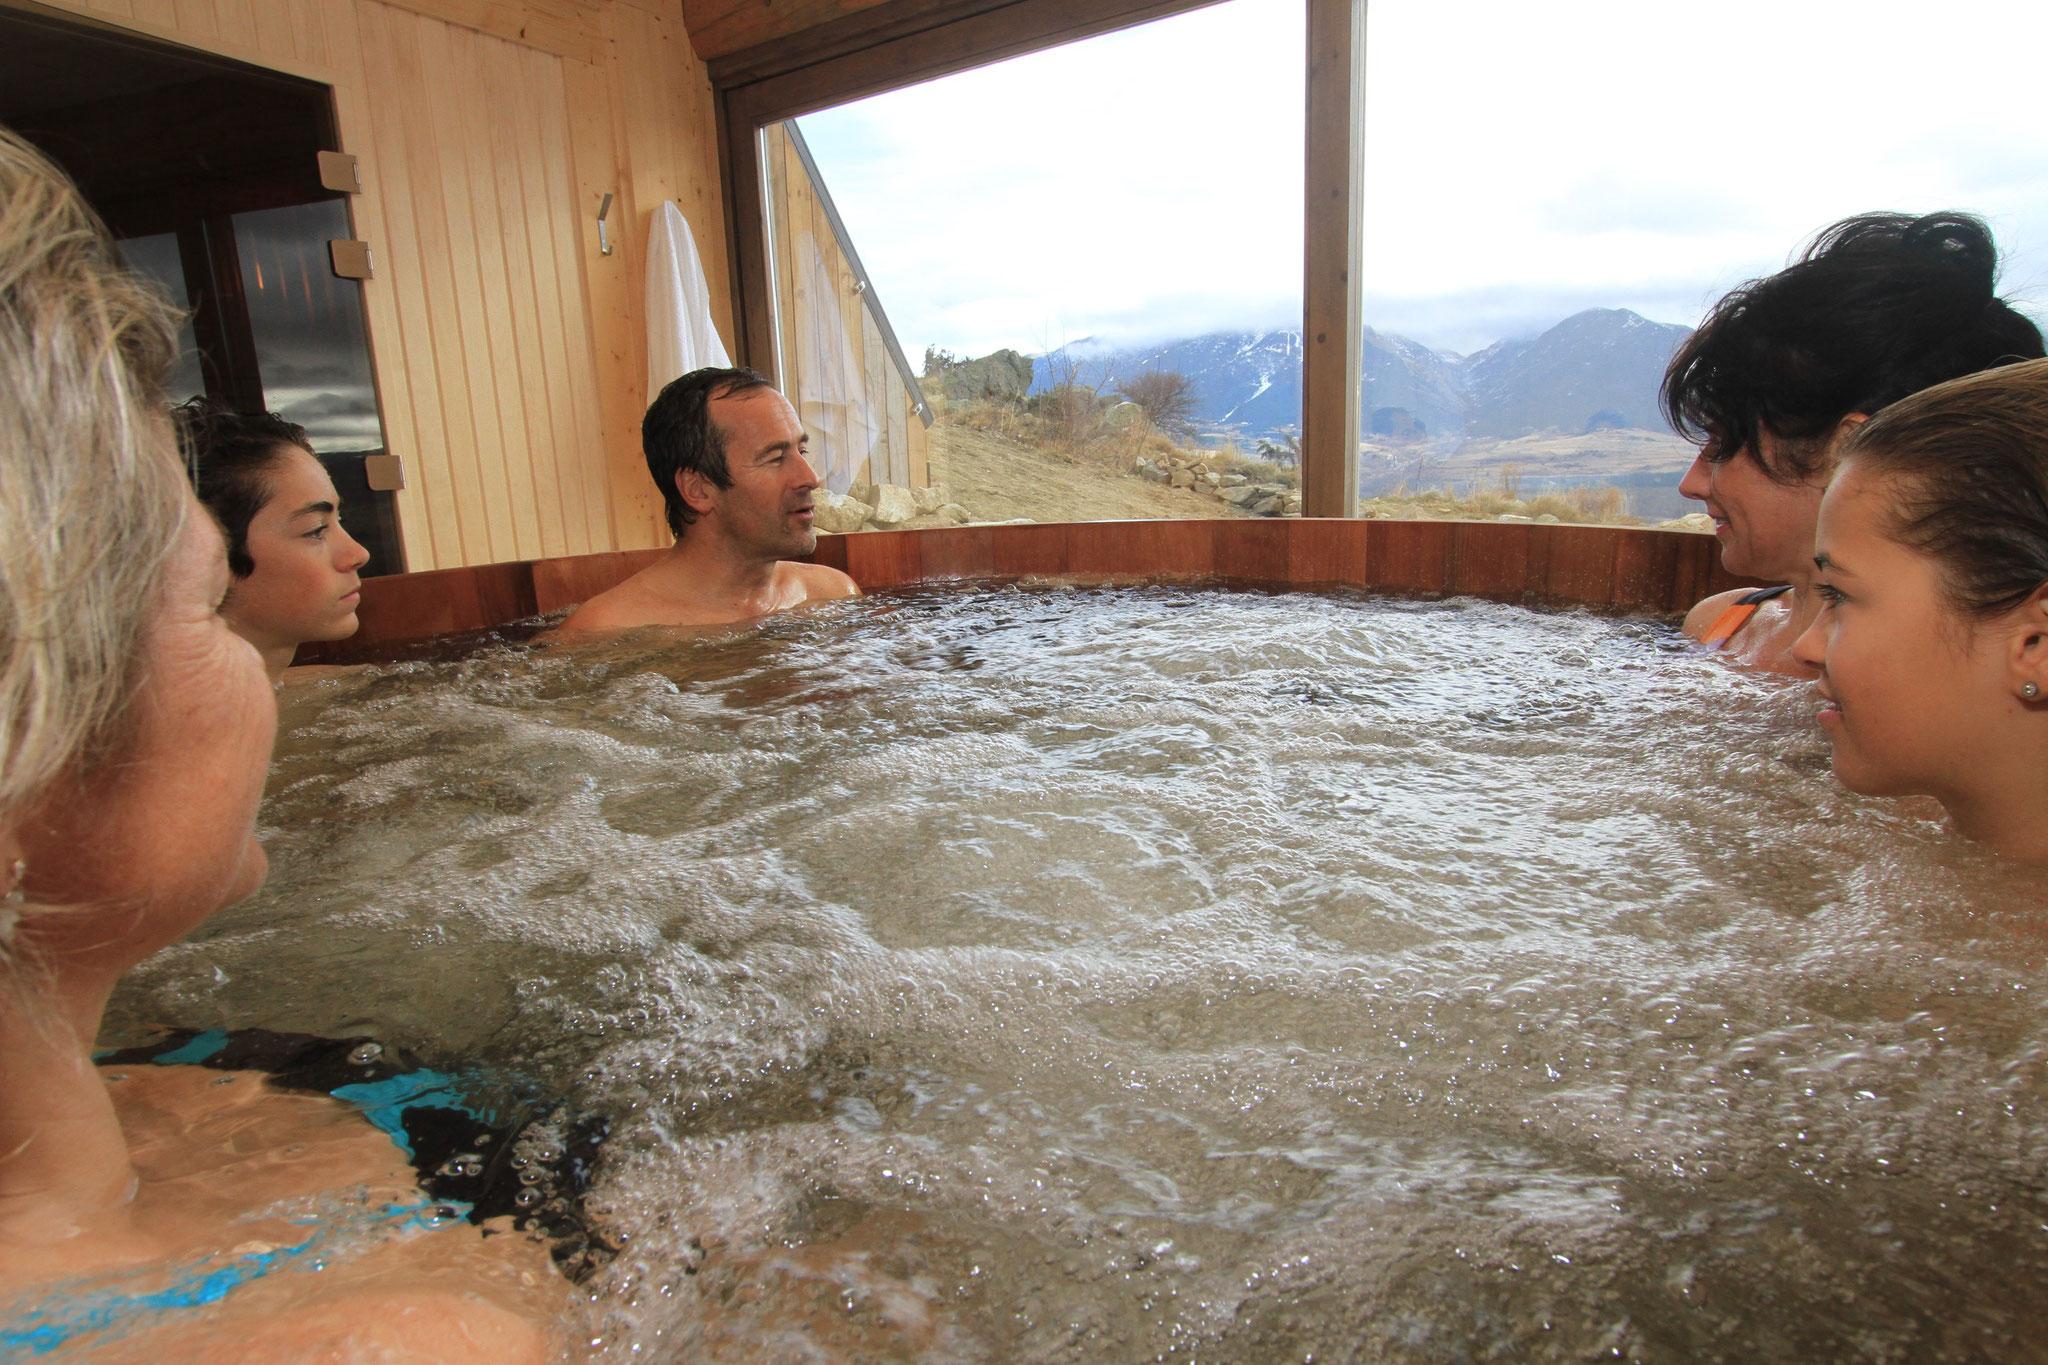 Relaxez-vous dans notre Spa en plein air ou abrité, devant une vue imprenable